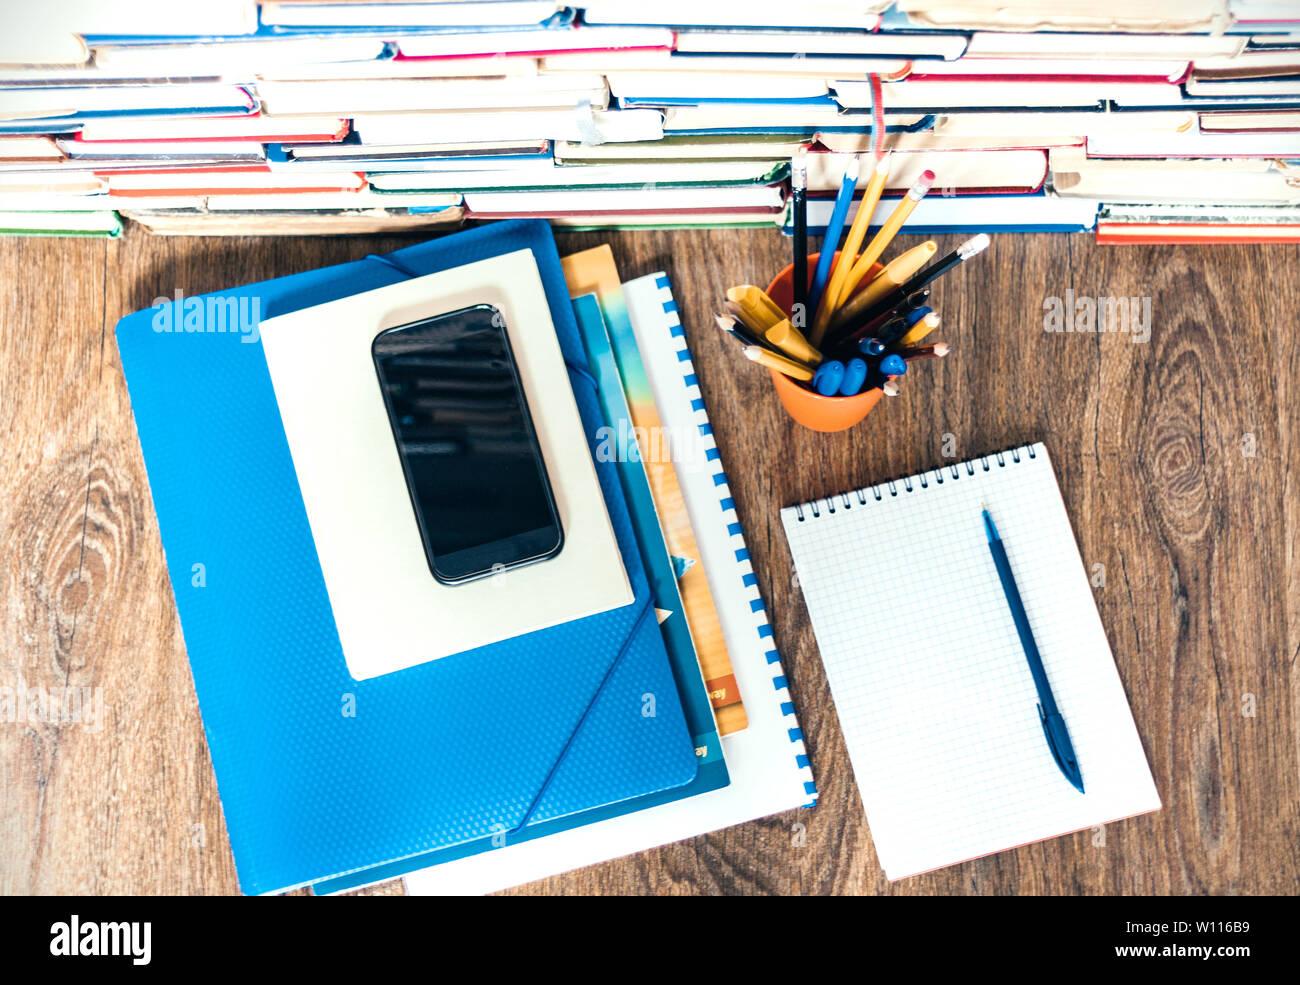 Stack of books, hardback books, smartphone, plastic folder